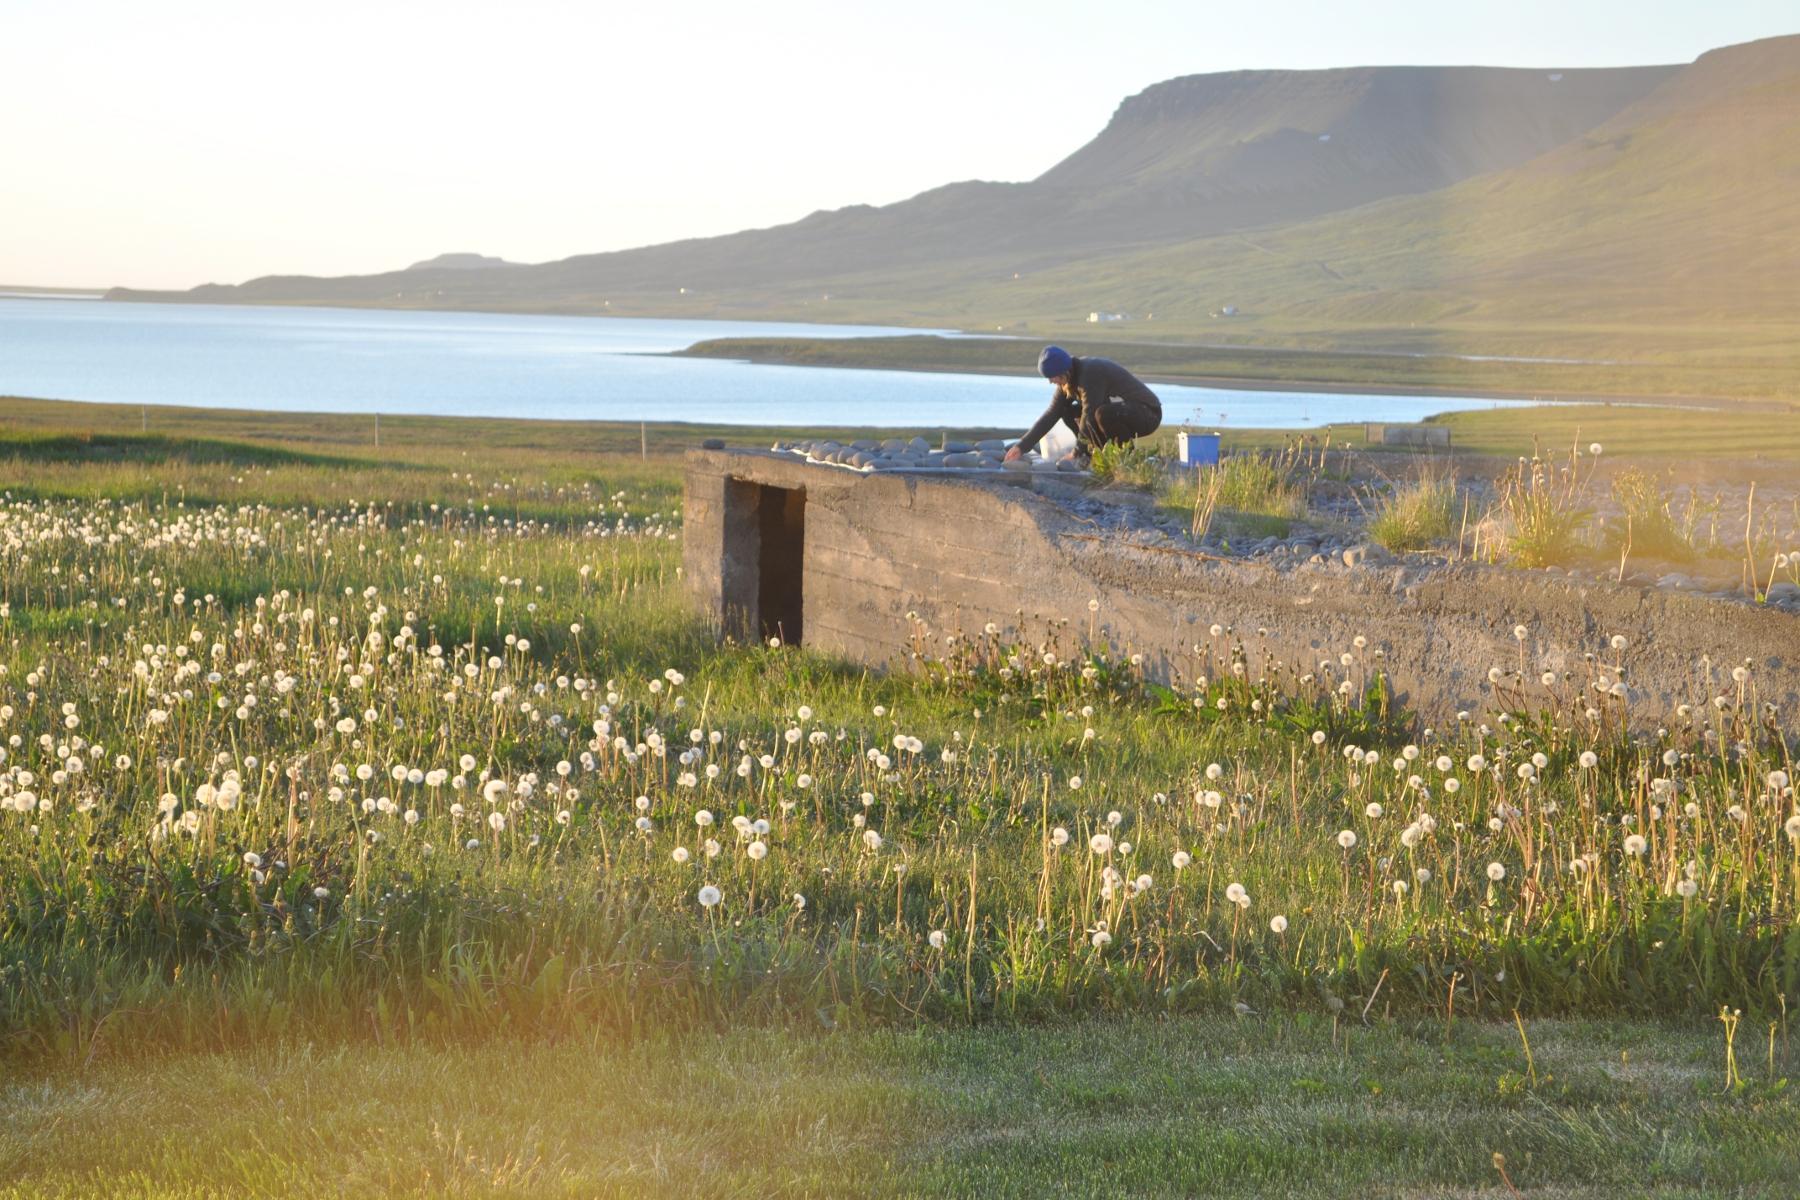 LOchowycz Iceland Outside Studio